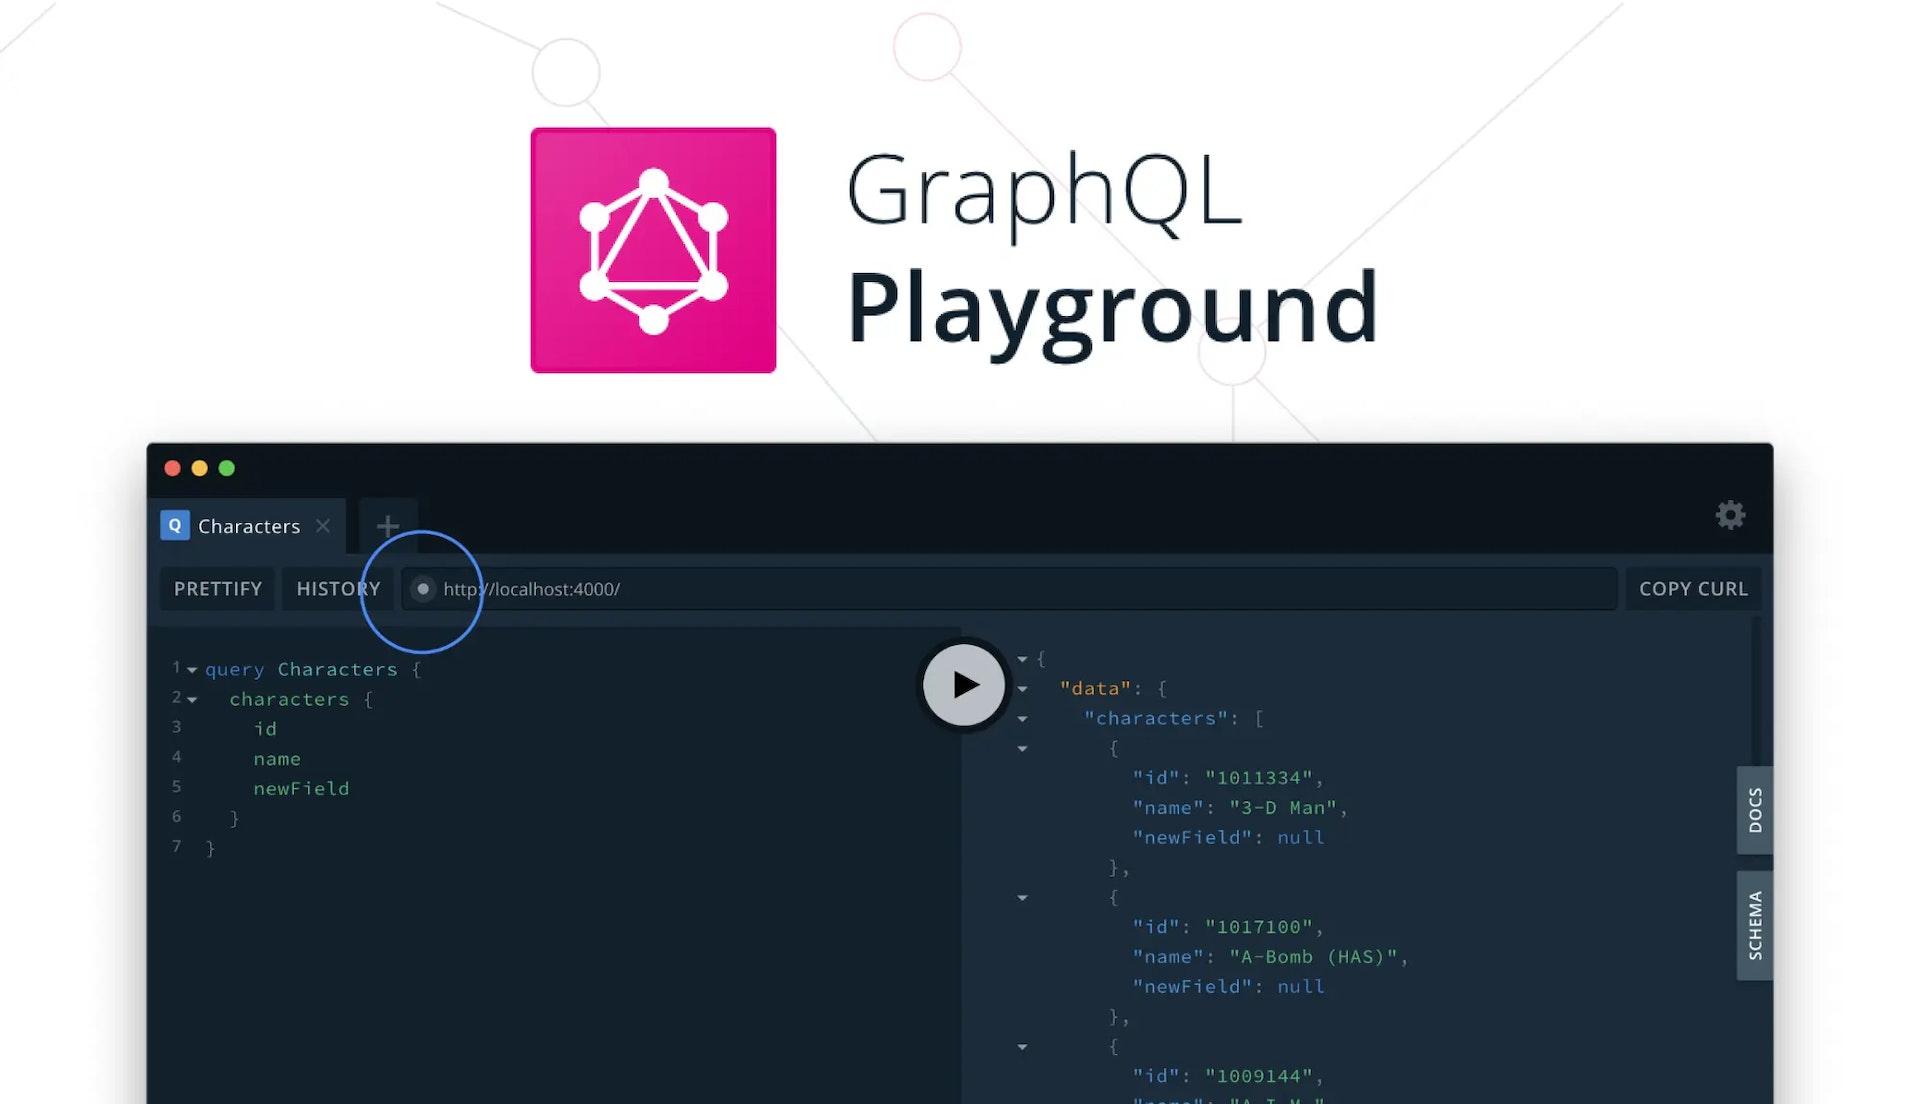 graphql-playground v1.8.8: Introducing SchemaPolling